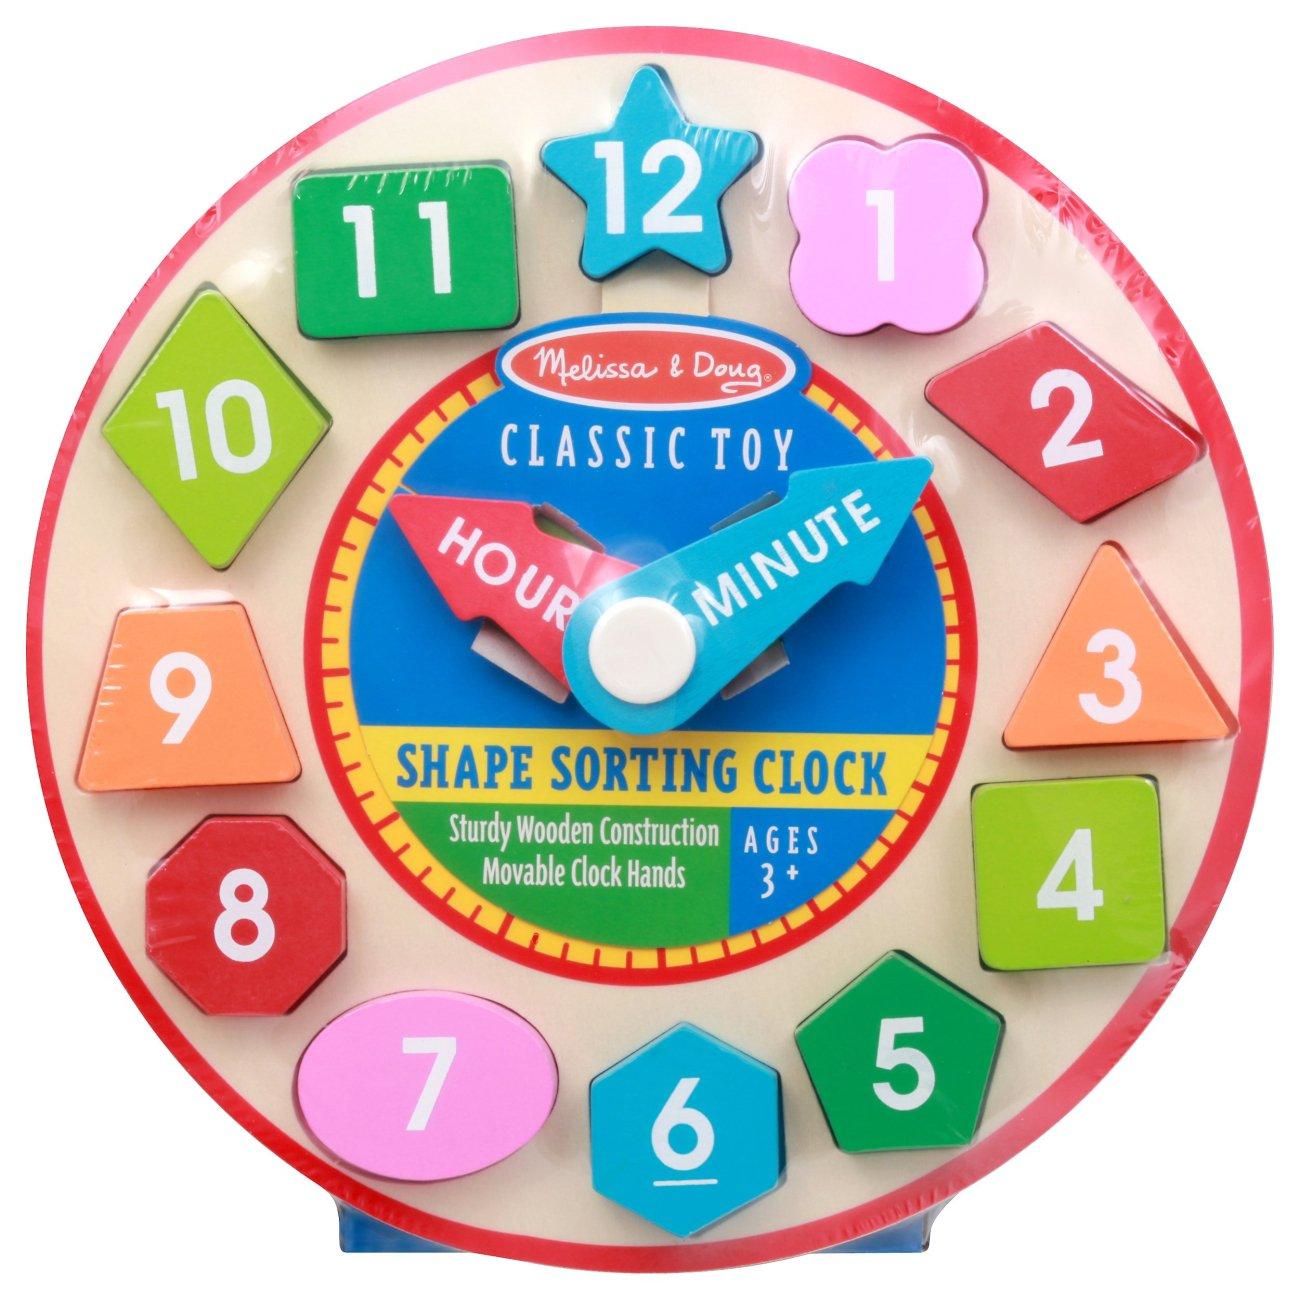 Melissa & Doug Wooden Shape Sorting Clock - Shop Puzzles ...